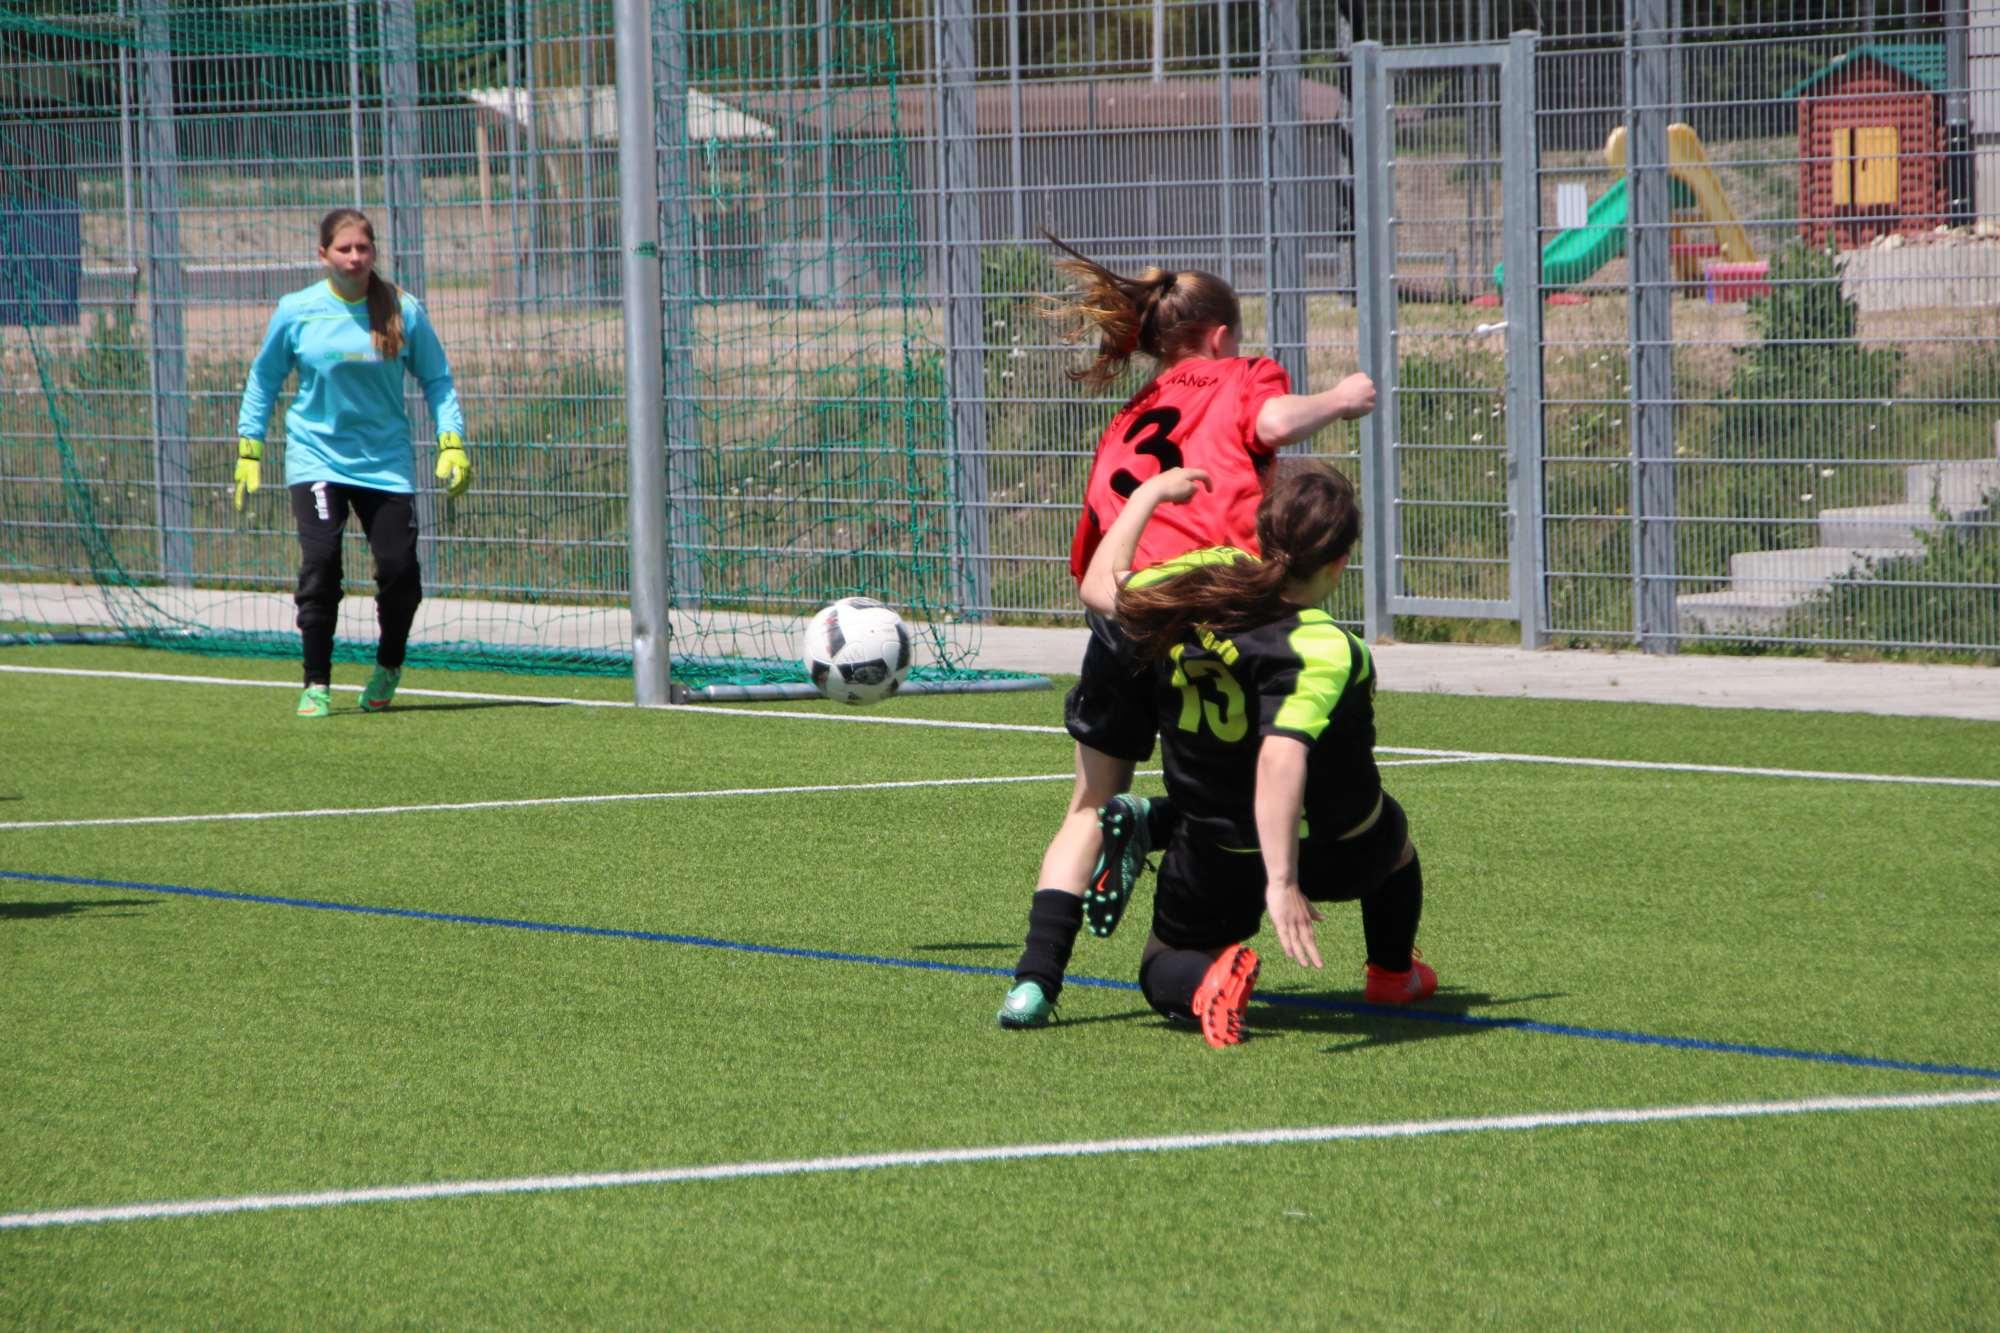 Verbandsliga - B-Juniorinnen gewinnen 6:0 gegen die SG Neukirch